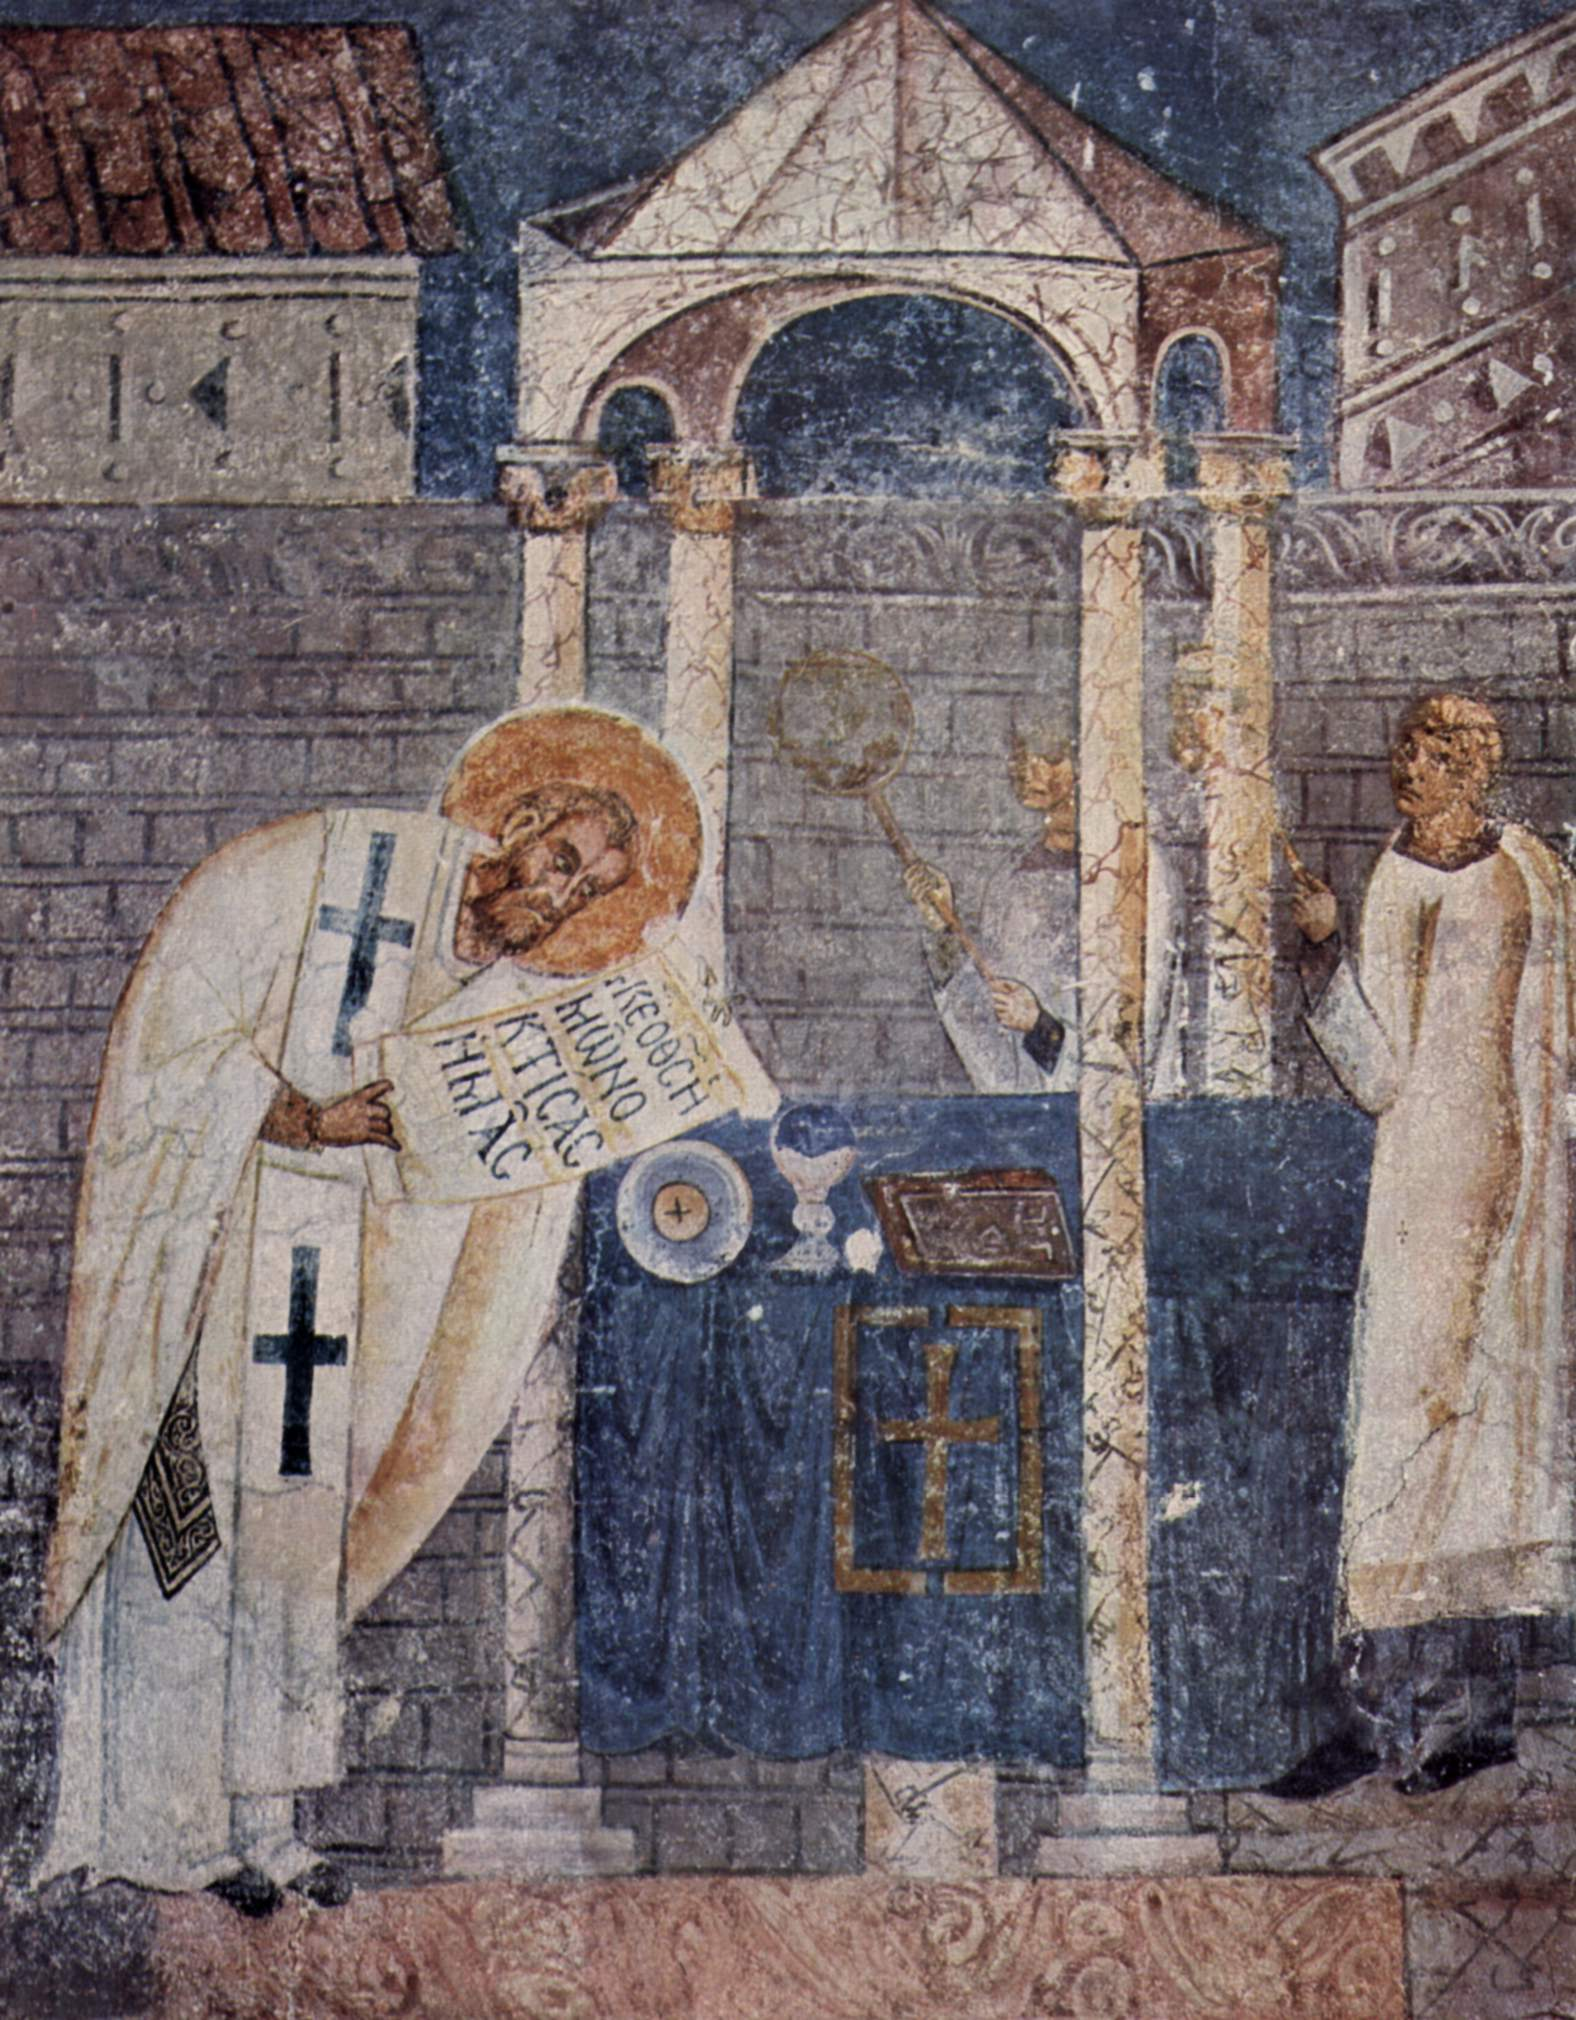 """Vaizdo rezultatas pagal užklausą """"st basil the great liturgy icon"""""""